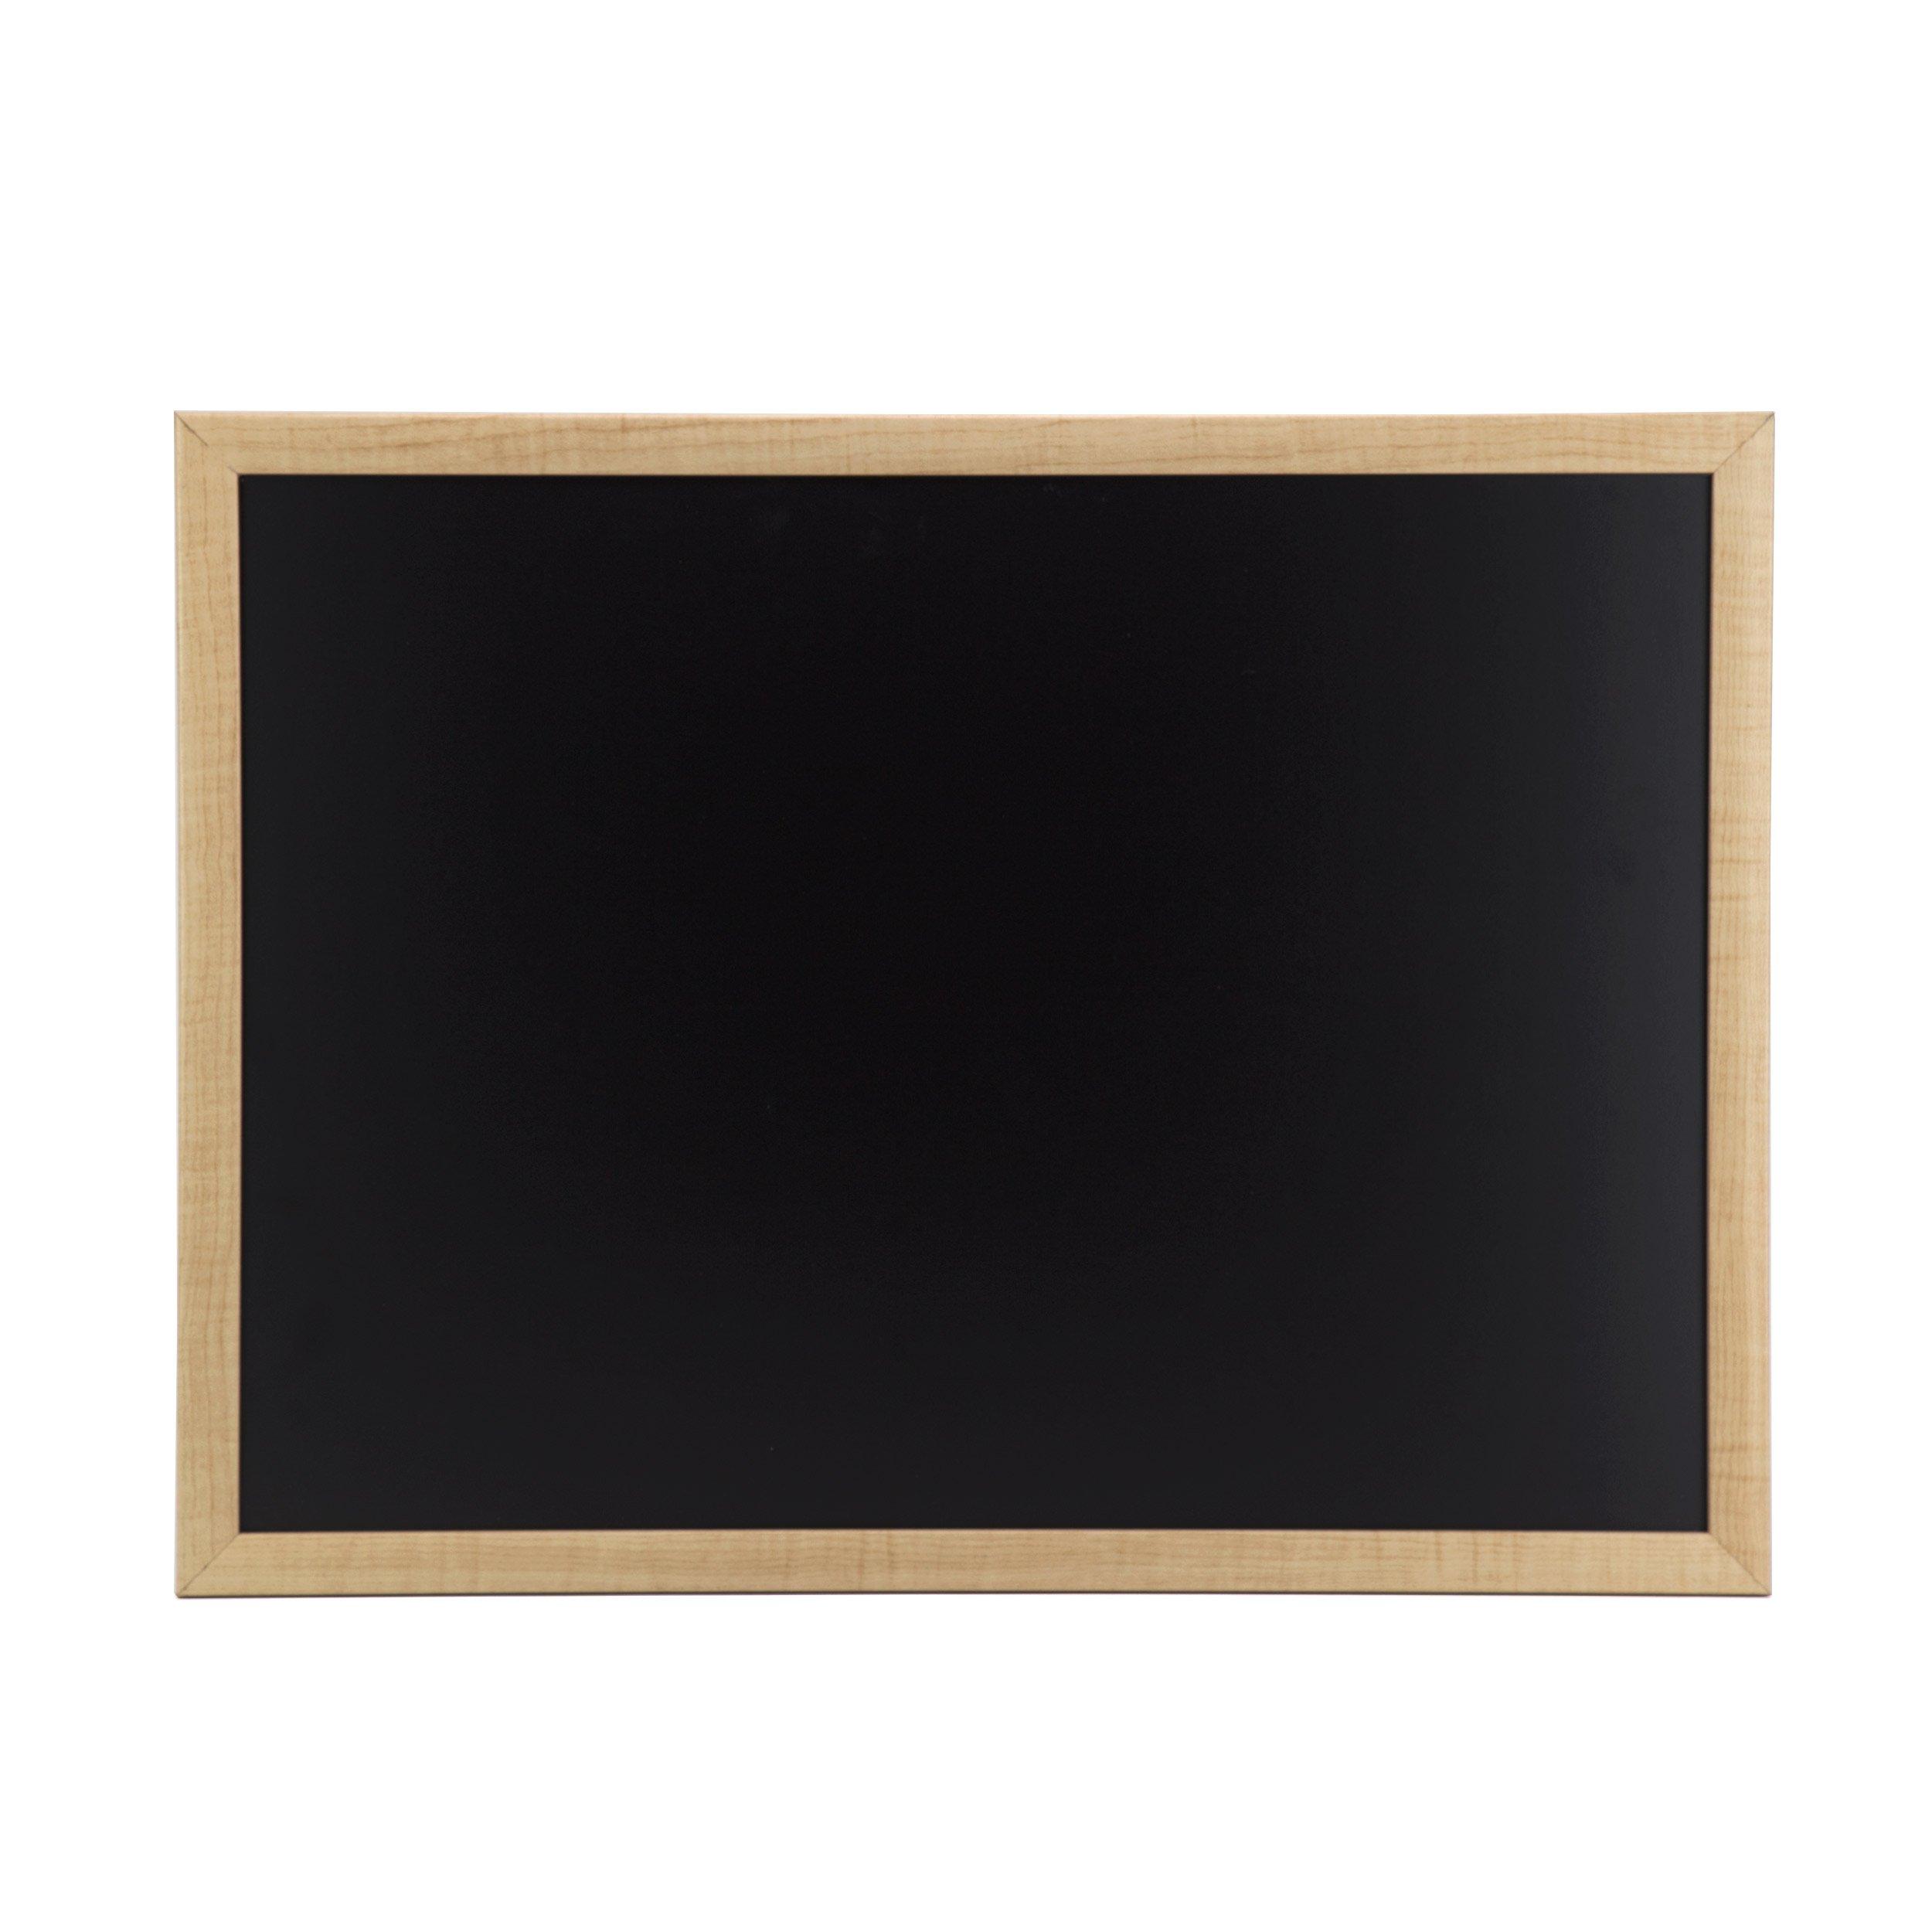 U Brands Chalkboard, 17 x 23 Inches, Oak Frame (310U00-01) by U Brands